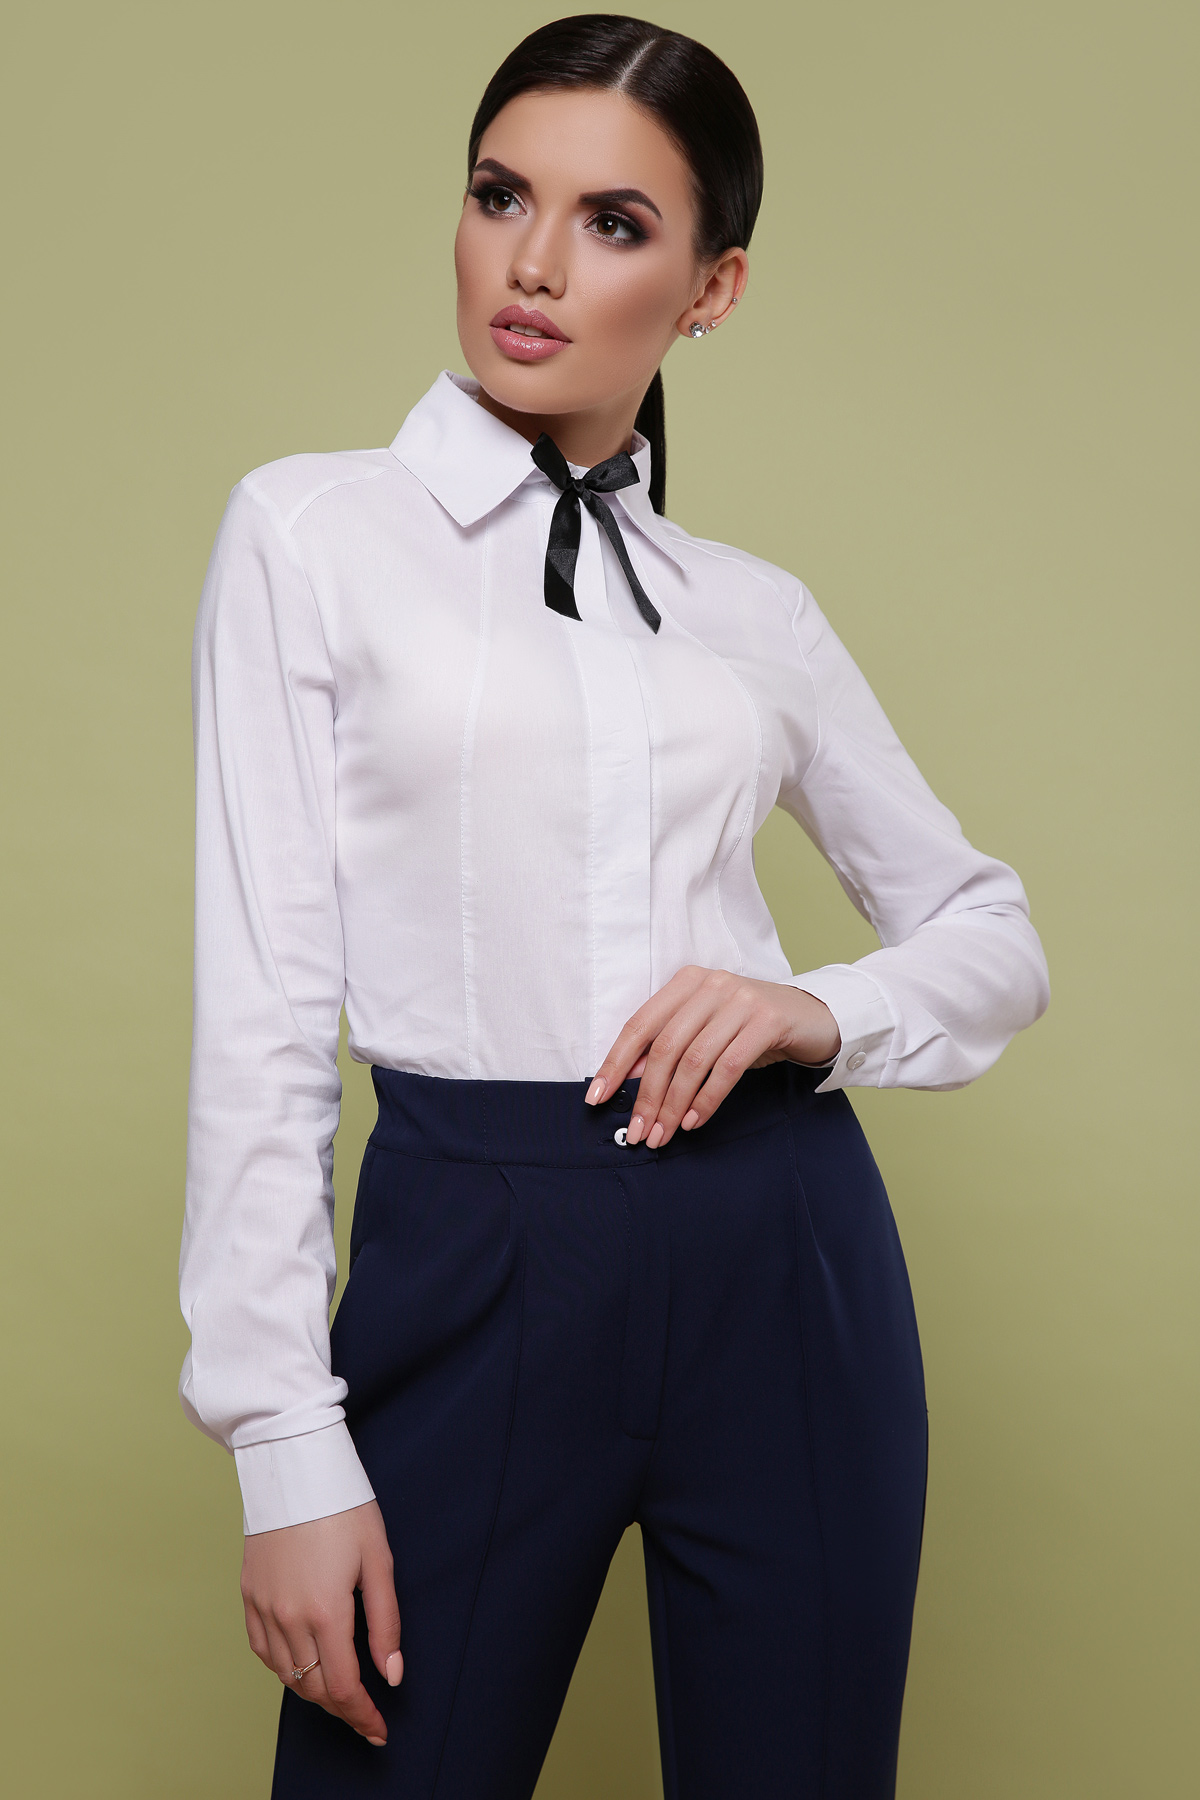 fef2ab6babb Деловая женская блузка темно-синего цвета. блуза Норма д р. Цвет